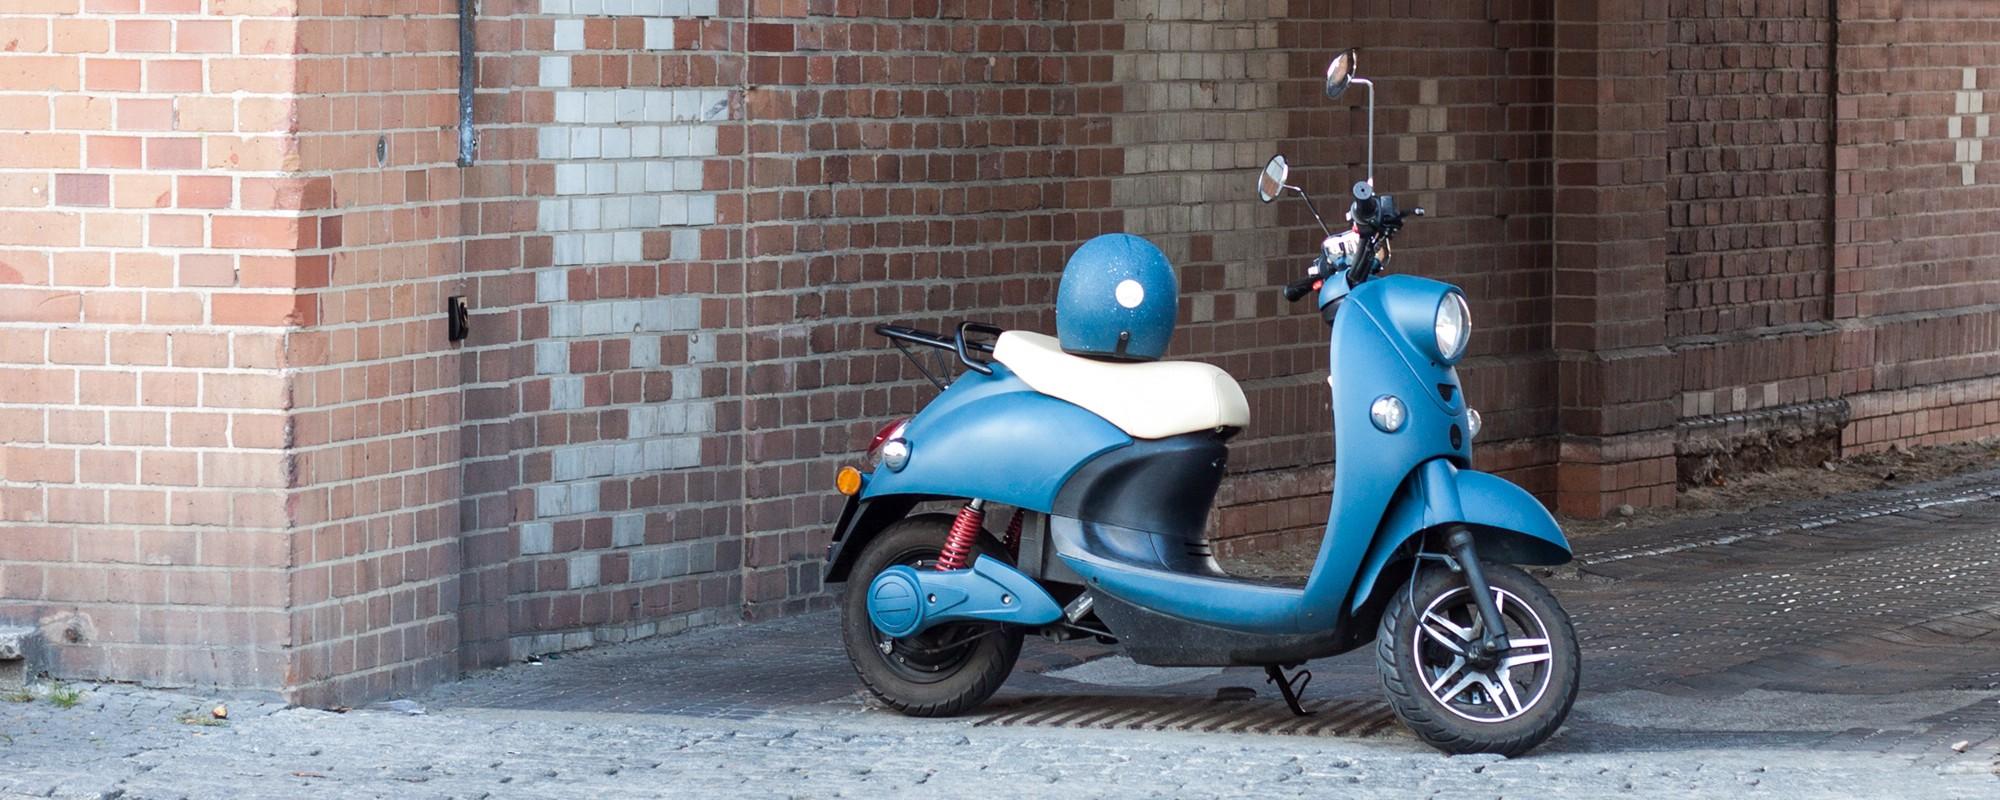 Lichtblauwe unu scooter met op de achtergrond een muurtje